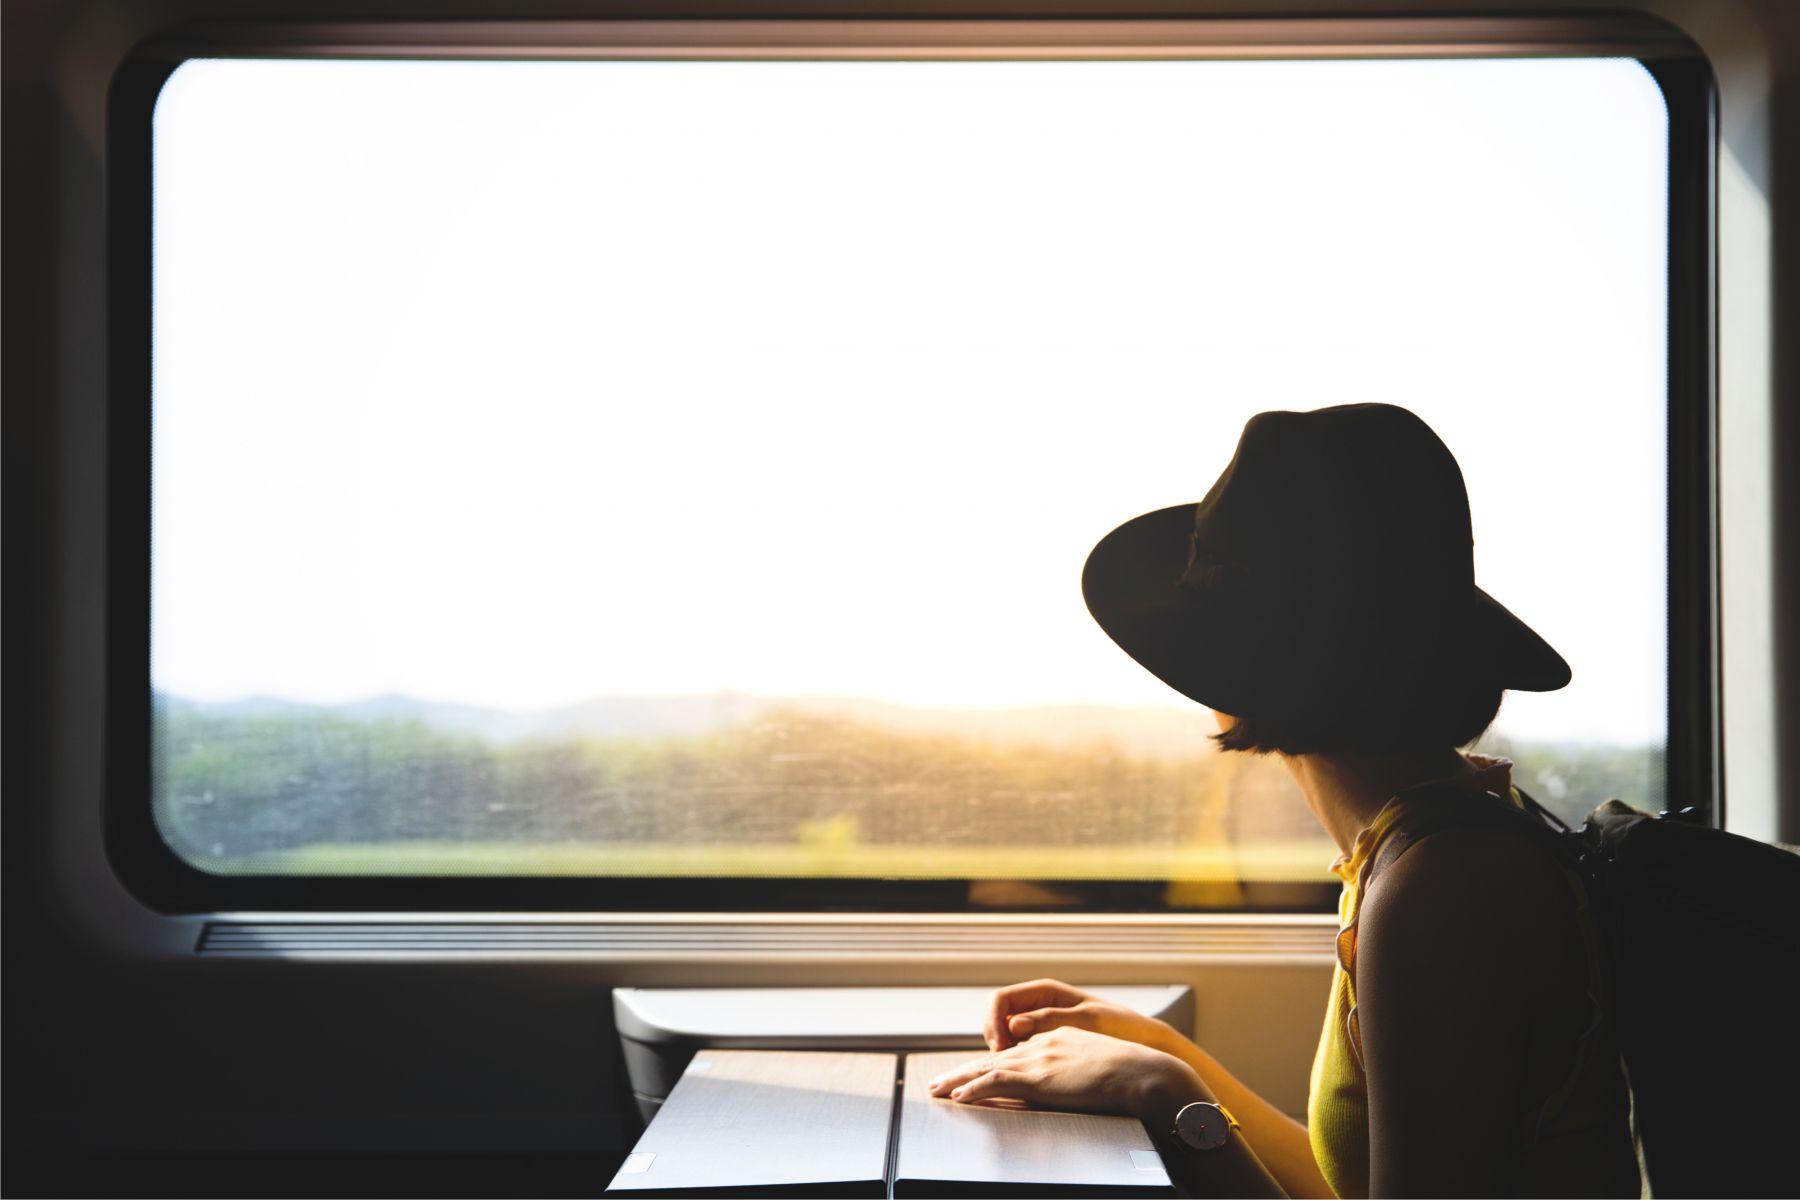 旅行,其實是越玩越富有!人生無常、回憶無價,我決定生命每一刻都要充滿價值